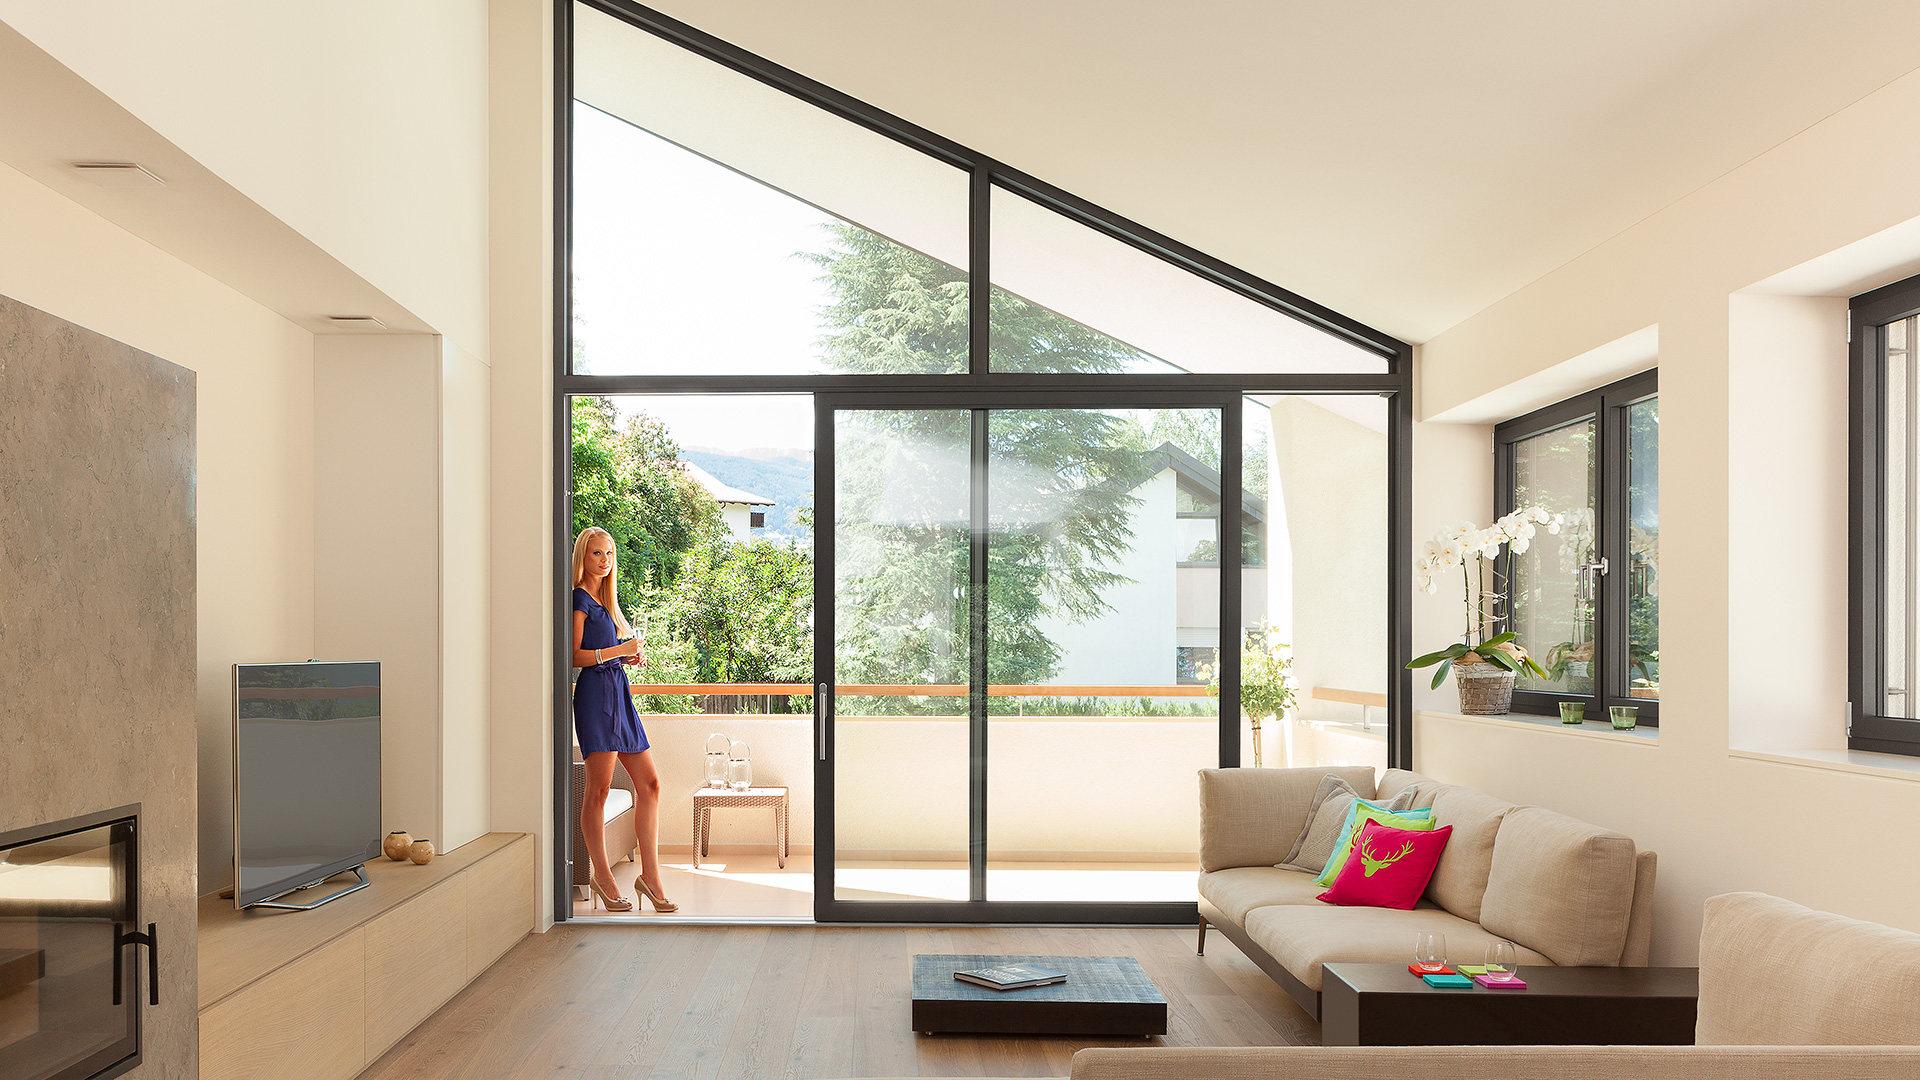 Windor rivenditore finstral a taranto e garantisce la - Finestre per tetti prezzi ...